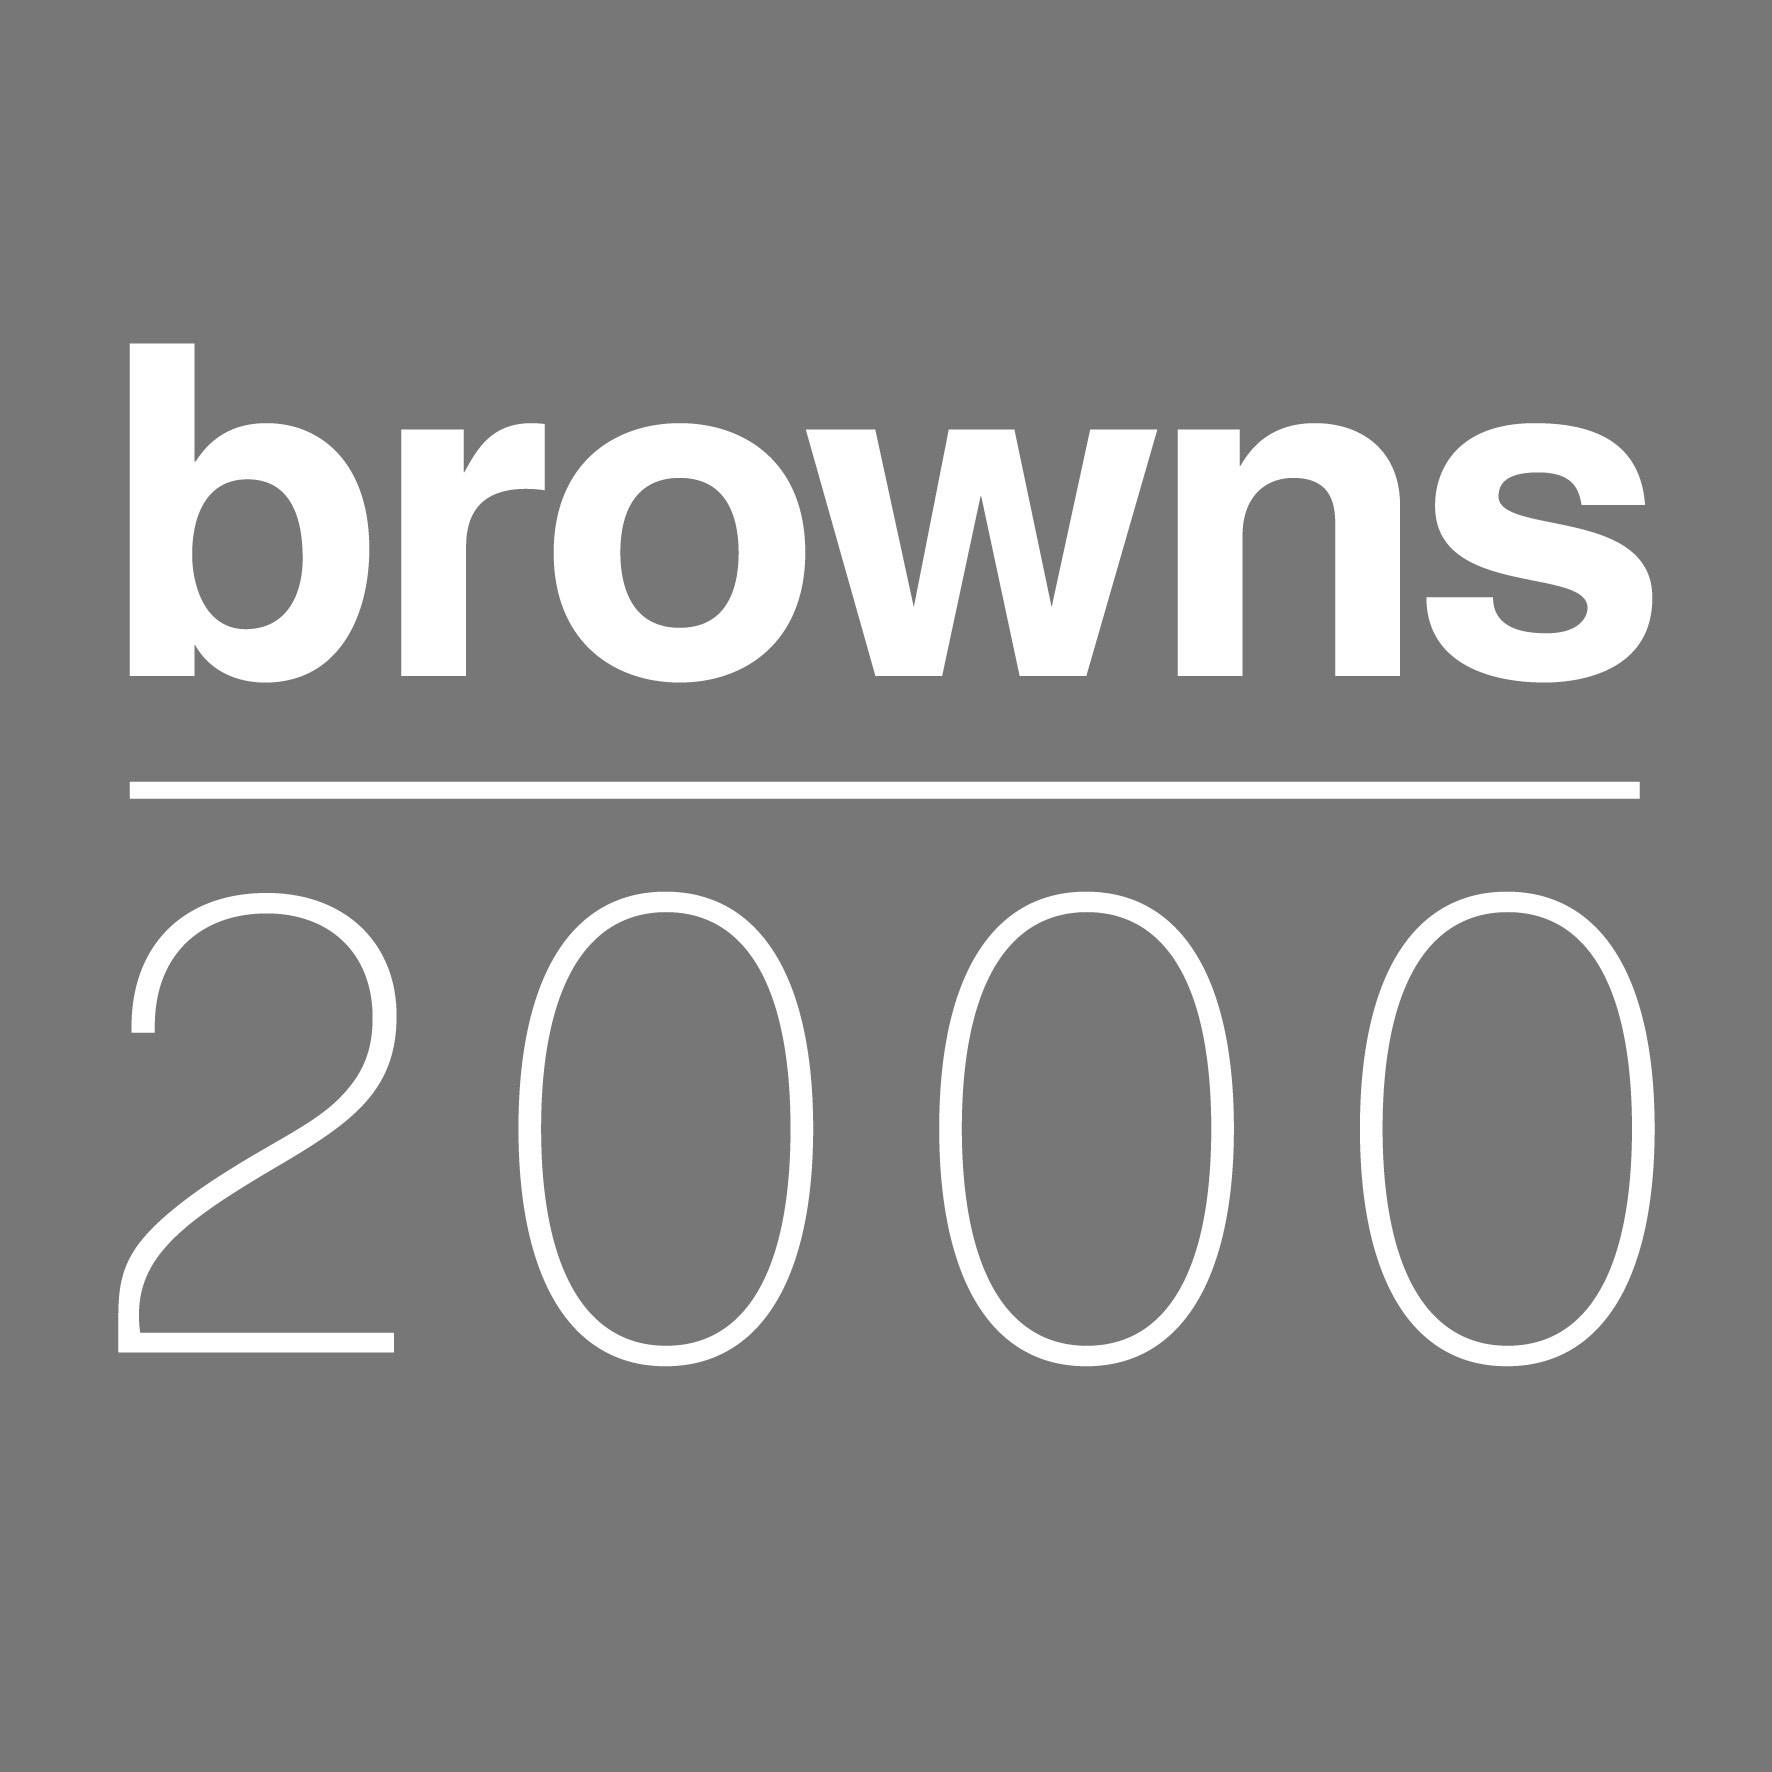 BROWNS LOGO b&w.jpg